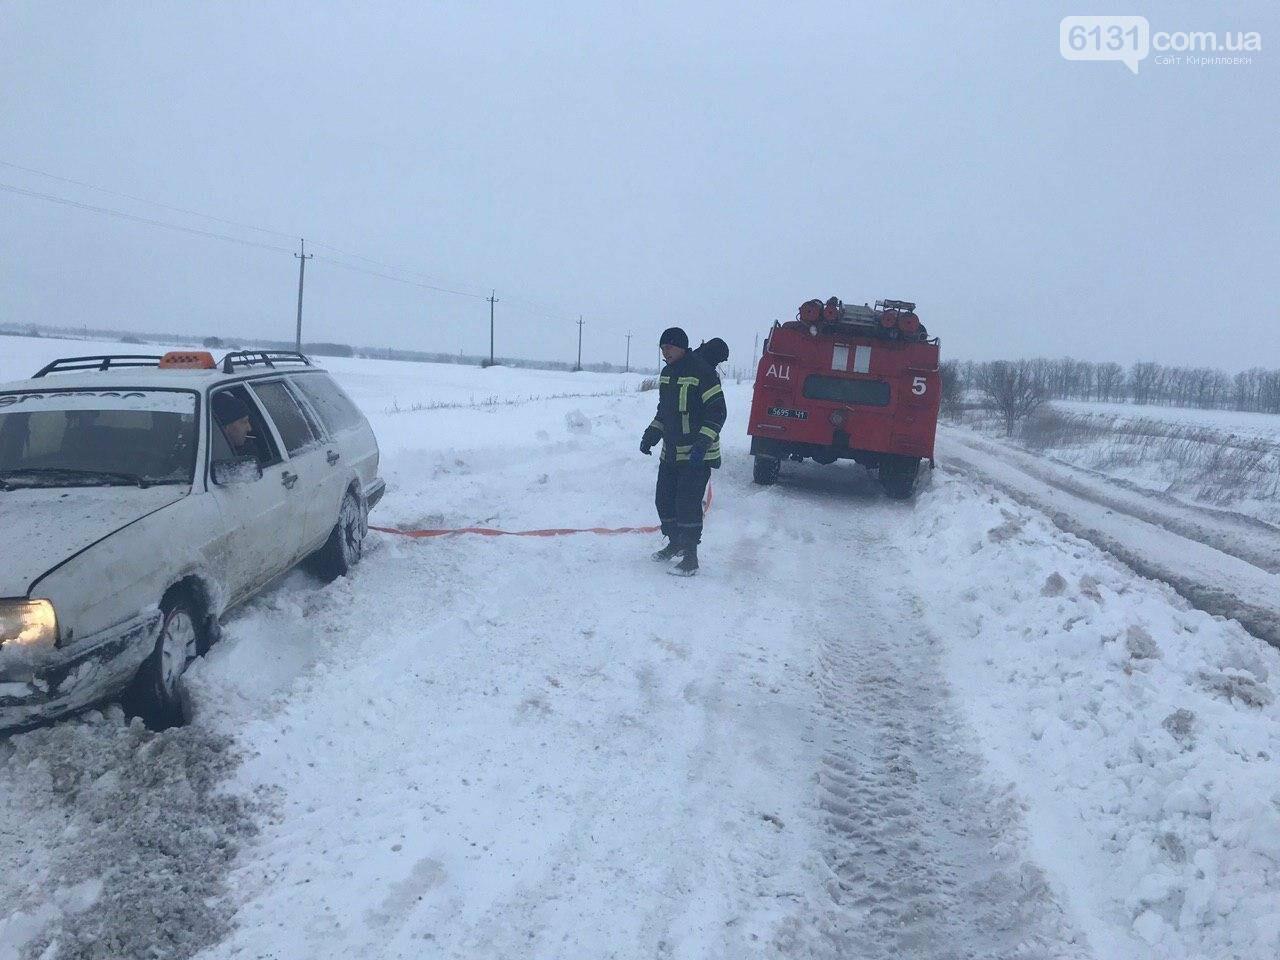 У Запорізькій області співробітники ДСНС допомогли більш як сотні людей, які потерпали від негоди, фото-4